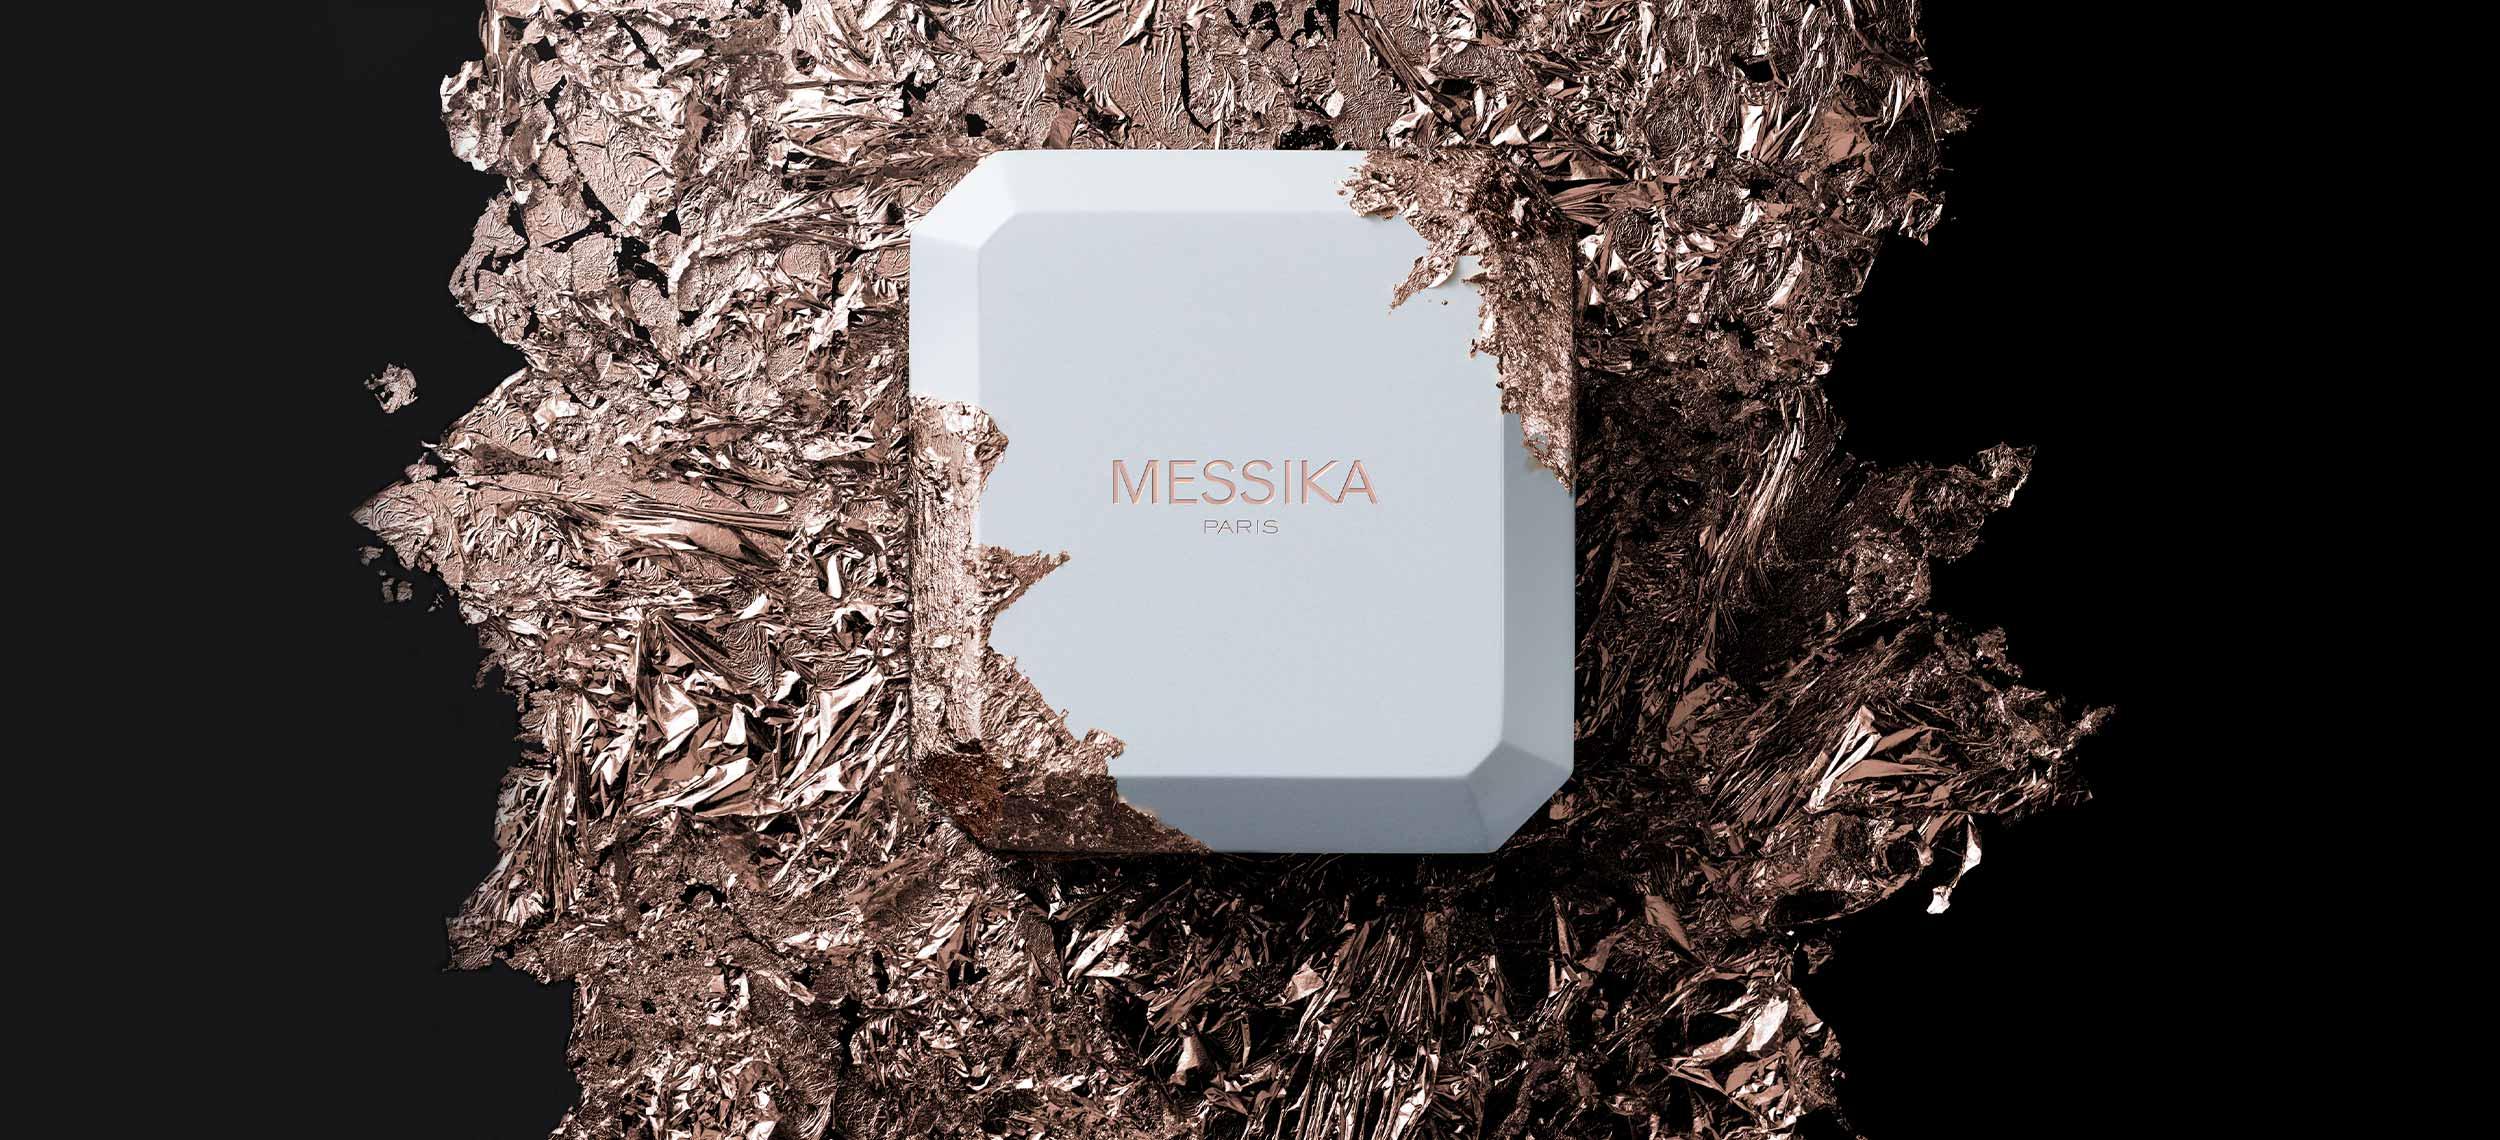 Valérie Messika's jewelry box